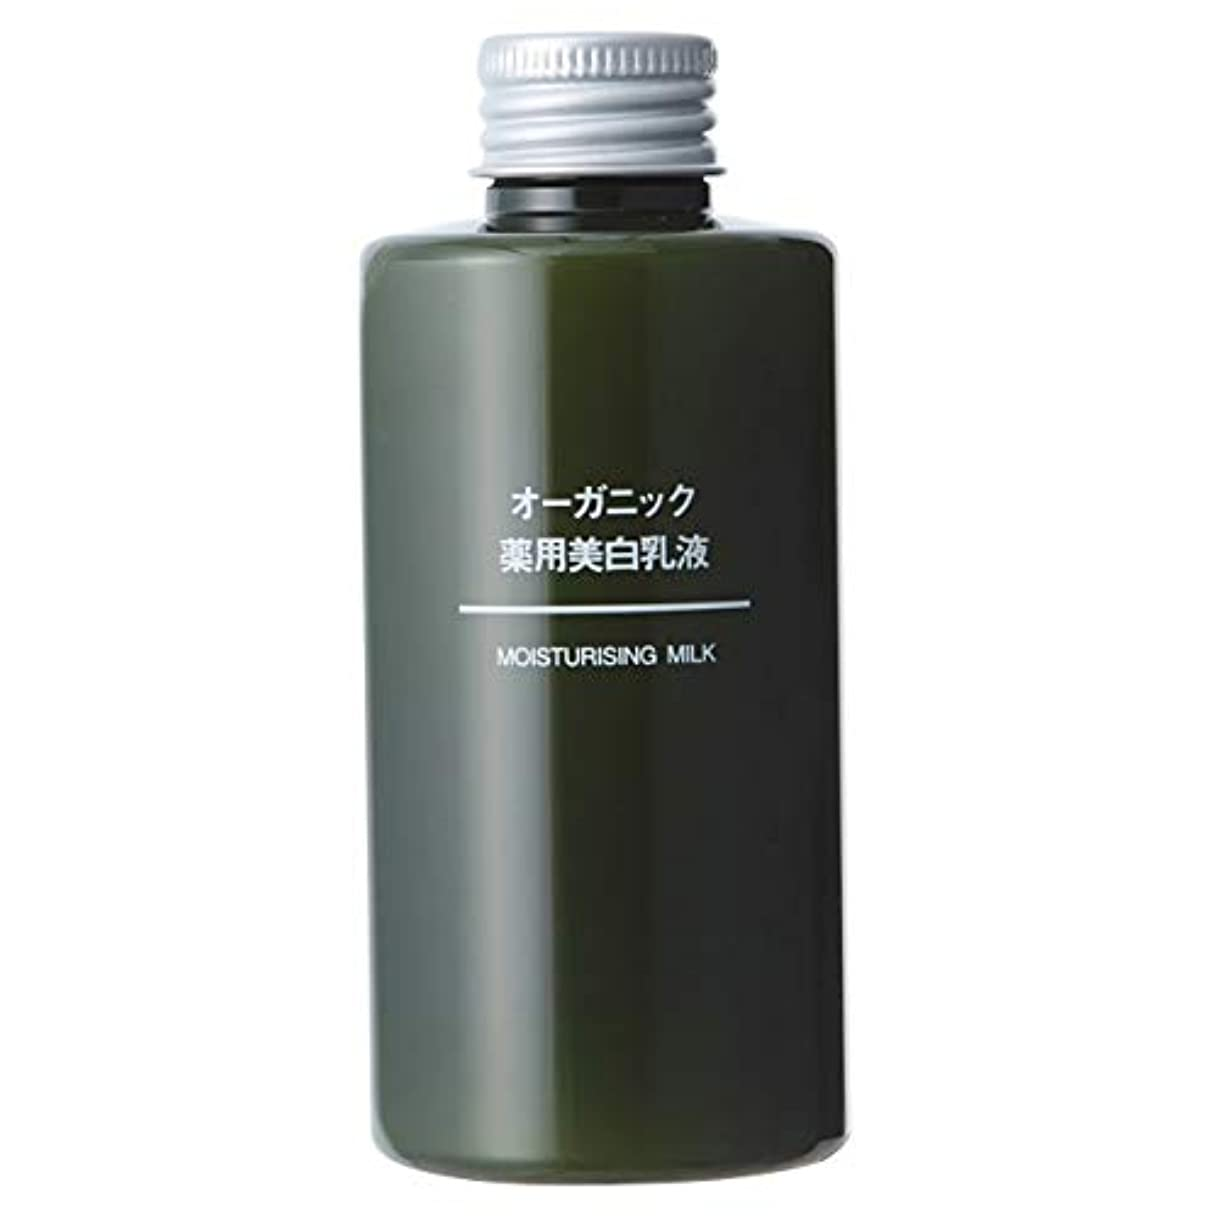 アクティブ線酔って無印良品 オーガニック薬用美白乳液 (新)150ml